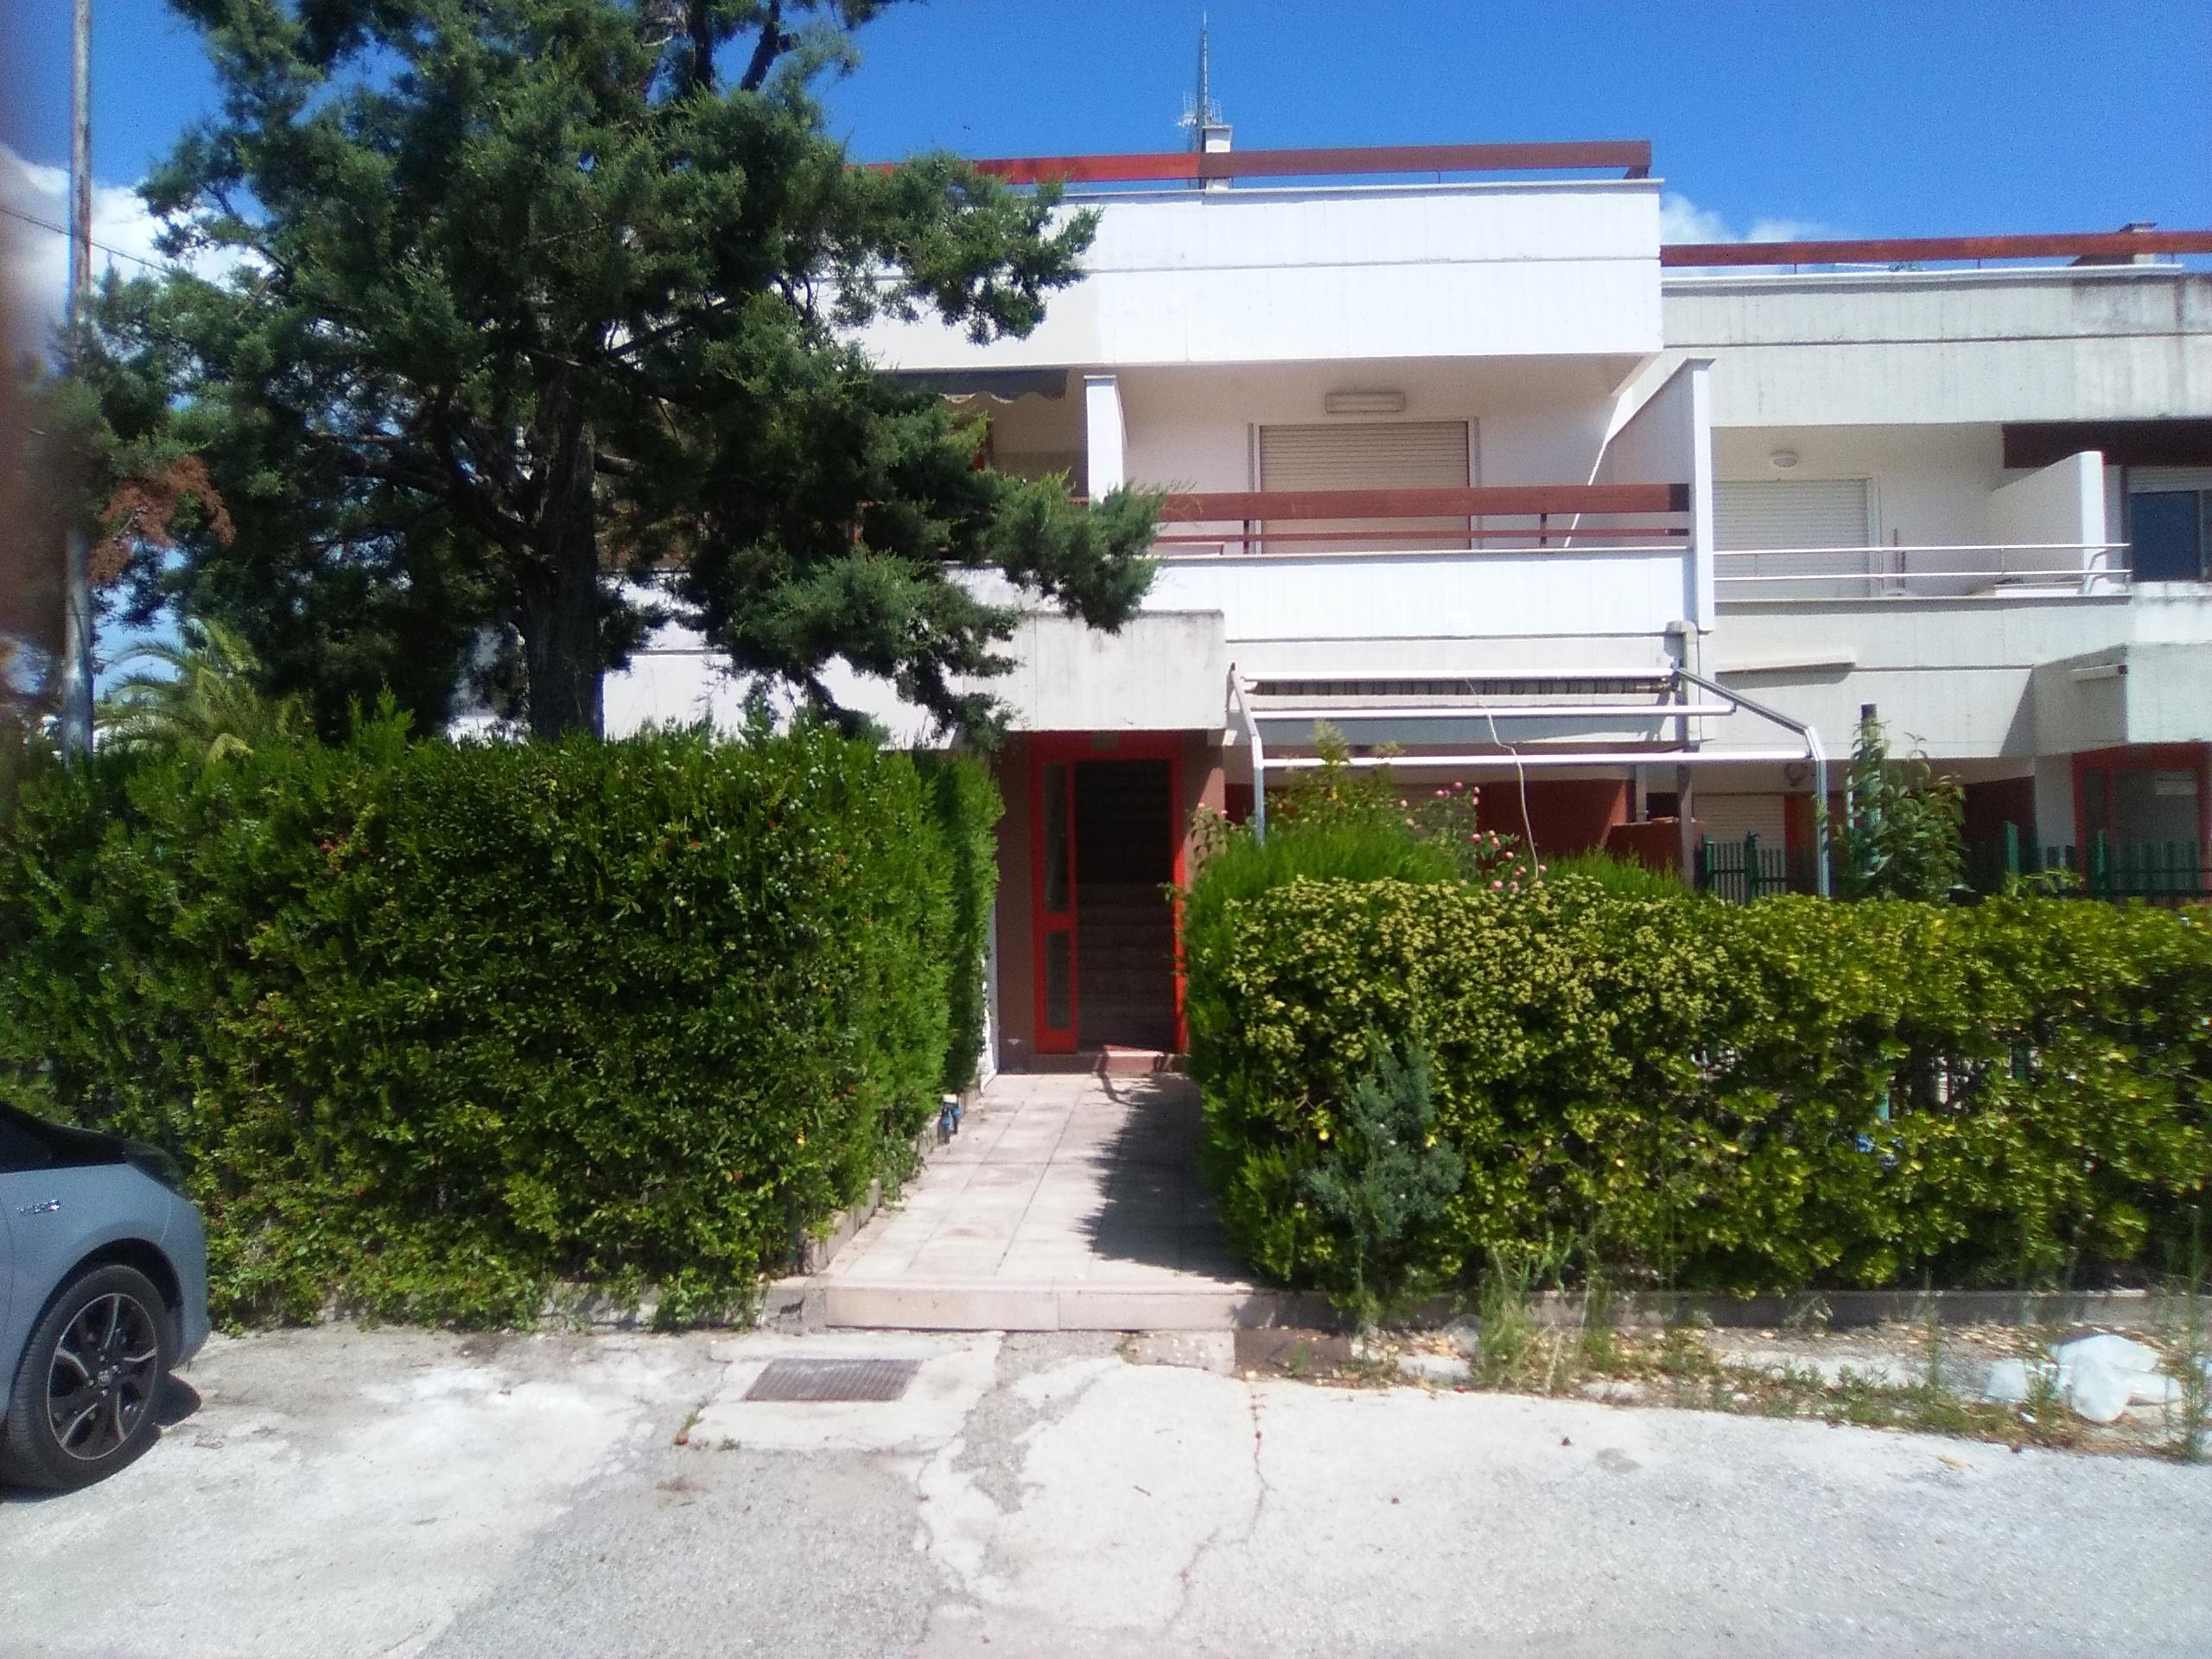 Appartamento in vendita a Ippocampo-Appartamento 3 vani accessori verande e terrazzo